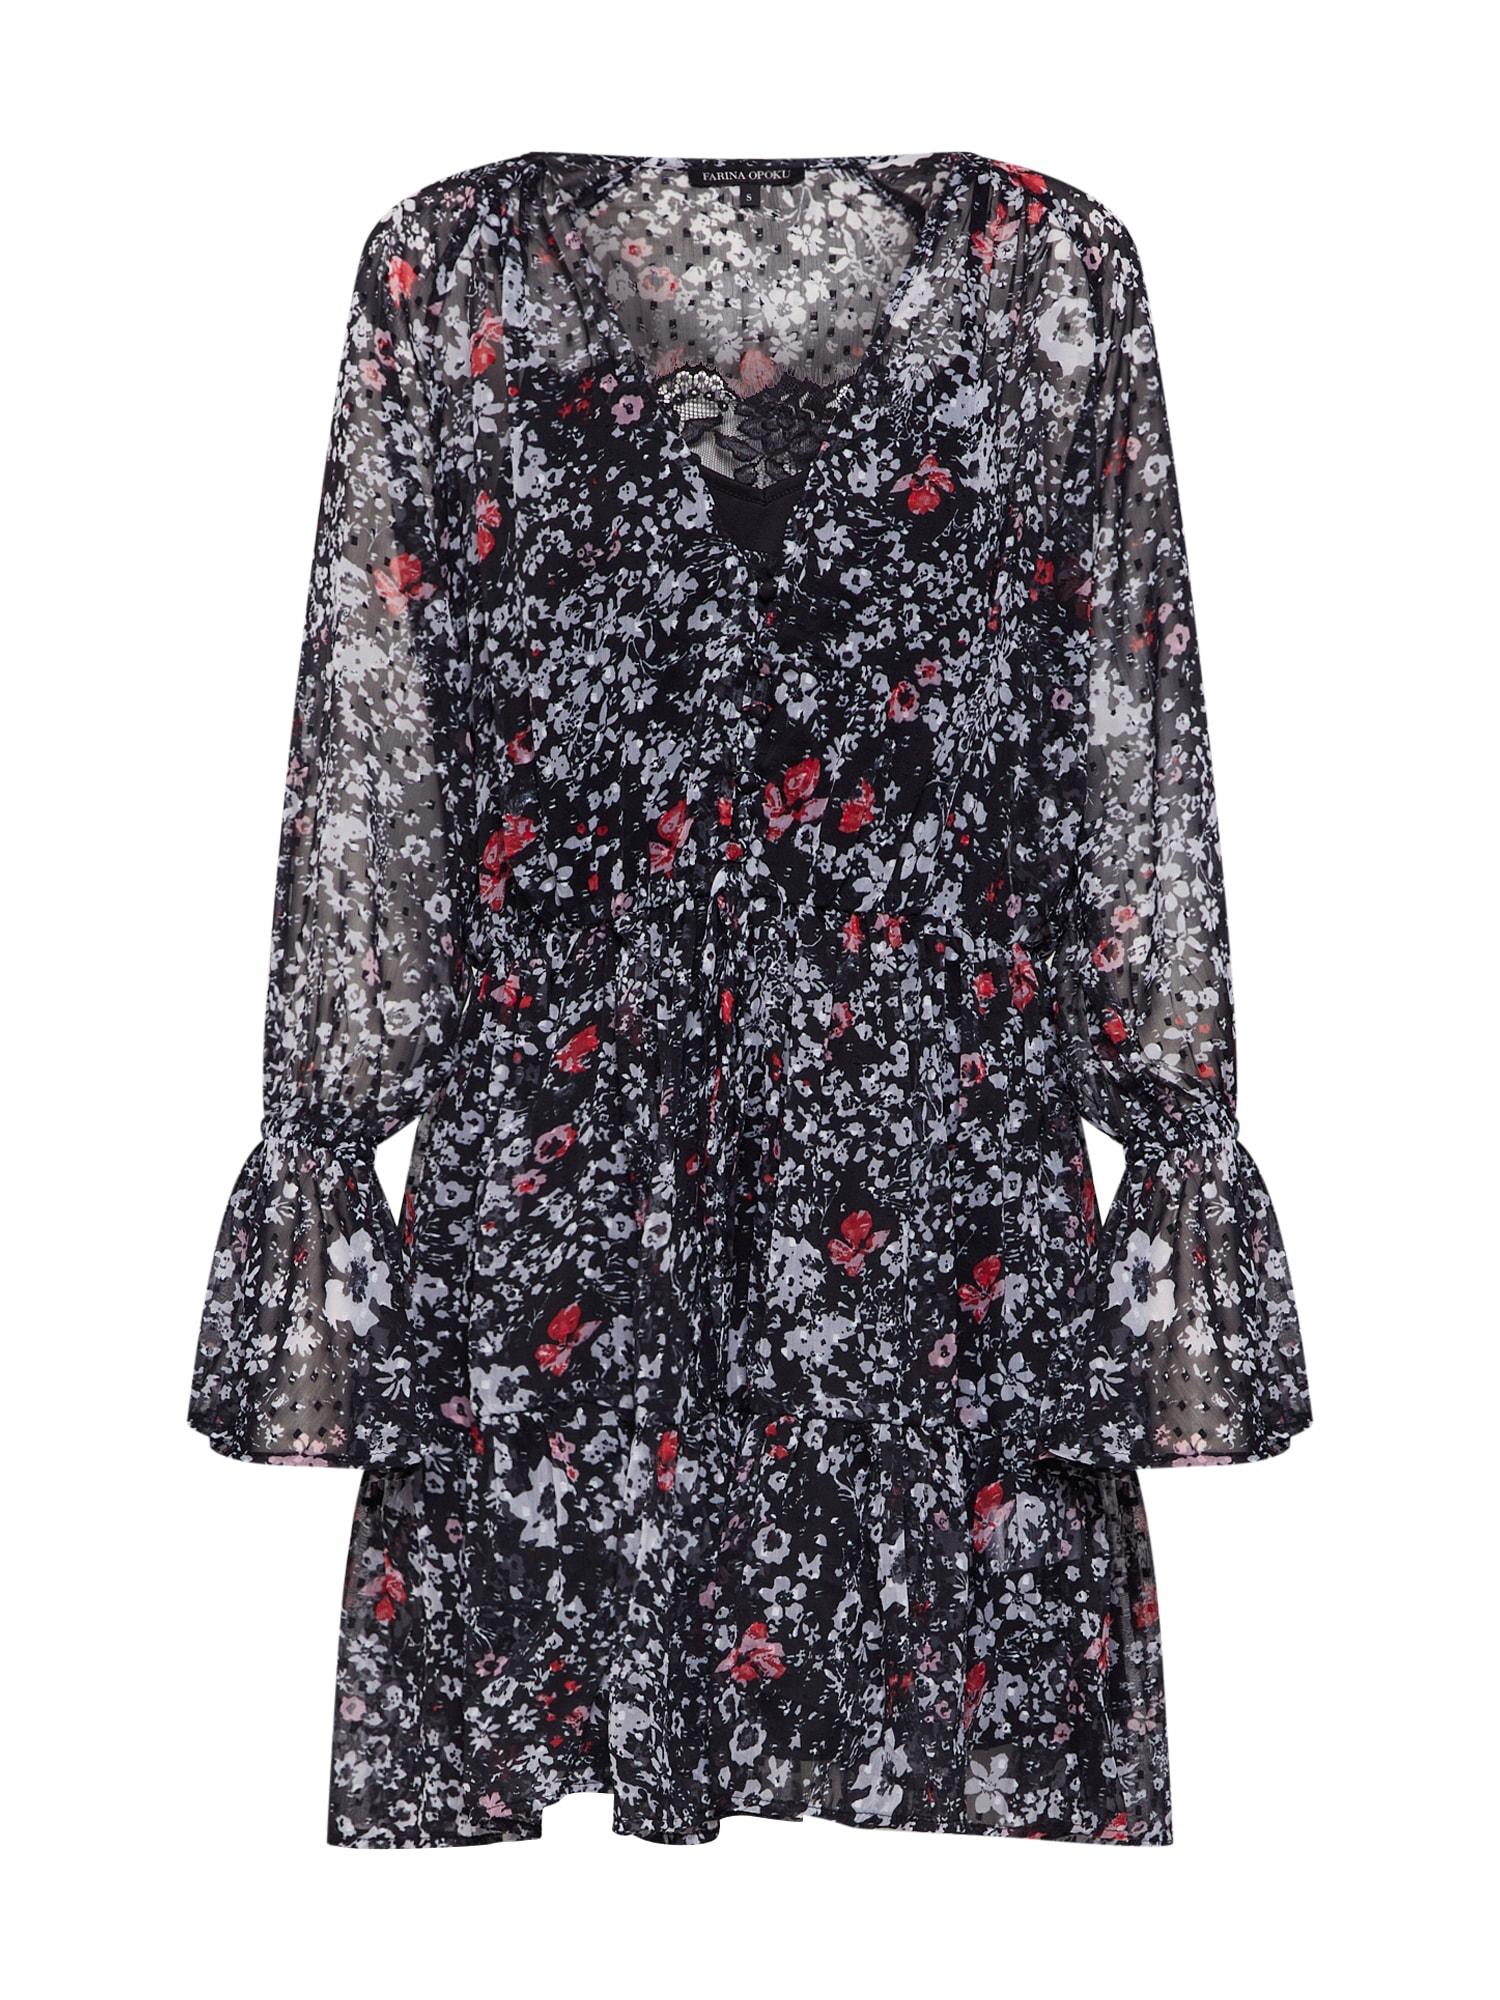 Letní šaty Lanee černá Farina Opoku